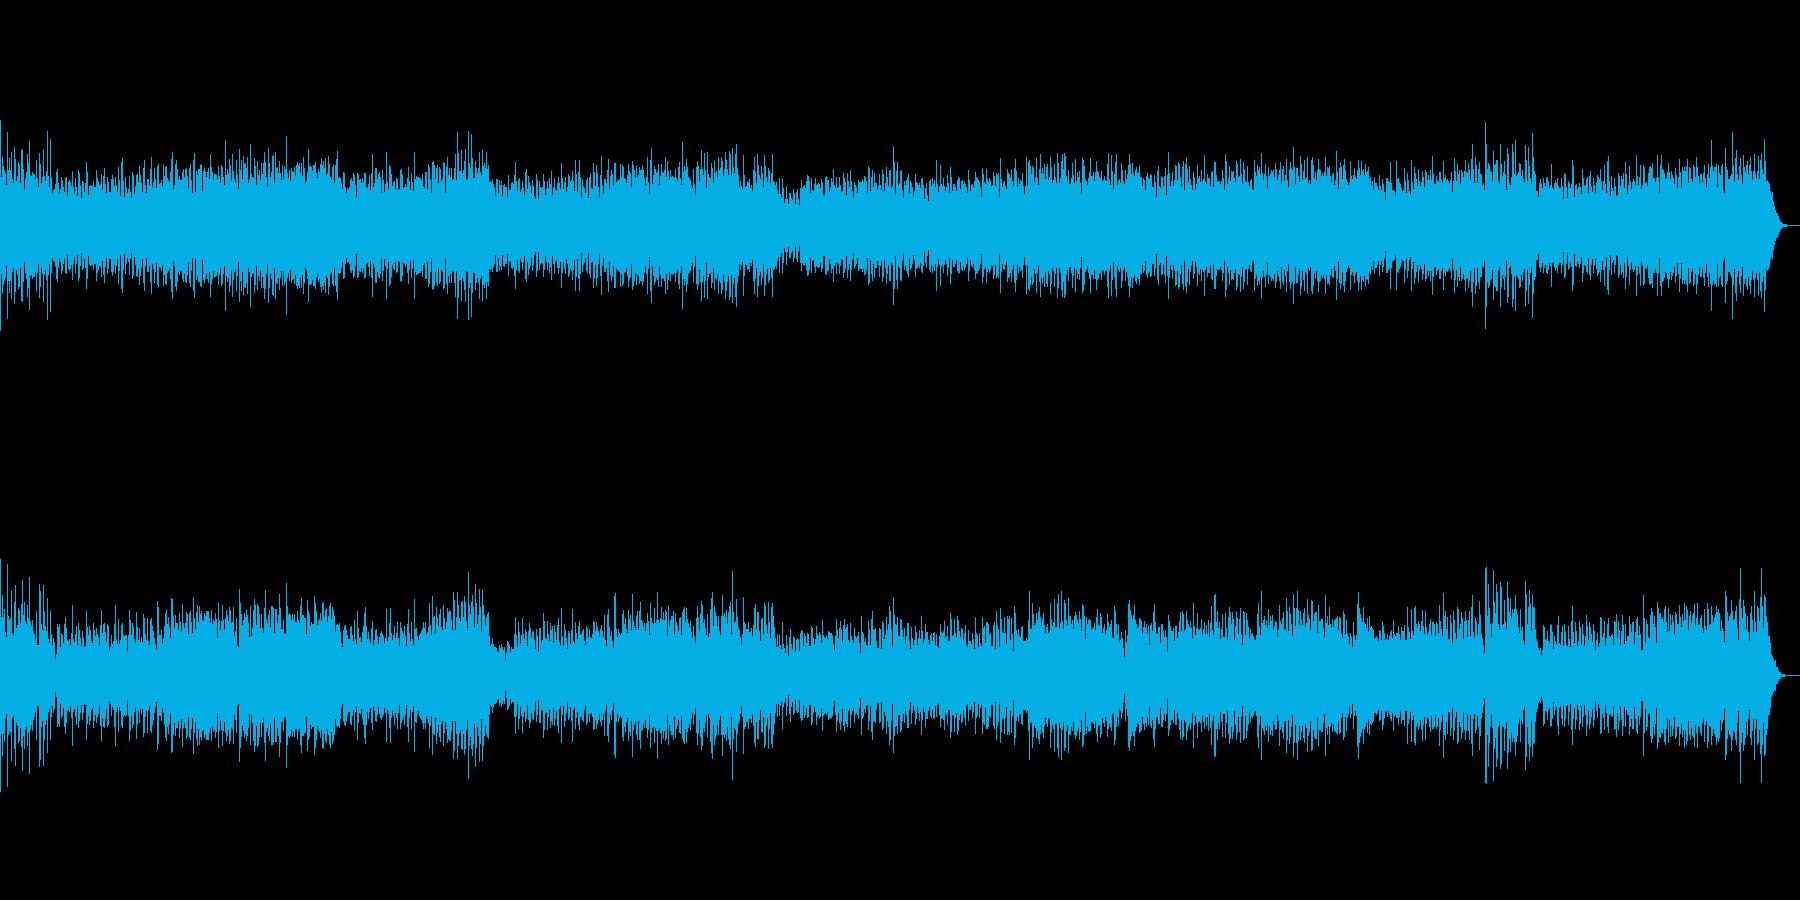 ラデツキー行進曲の再生済みの波形